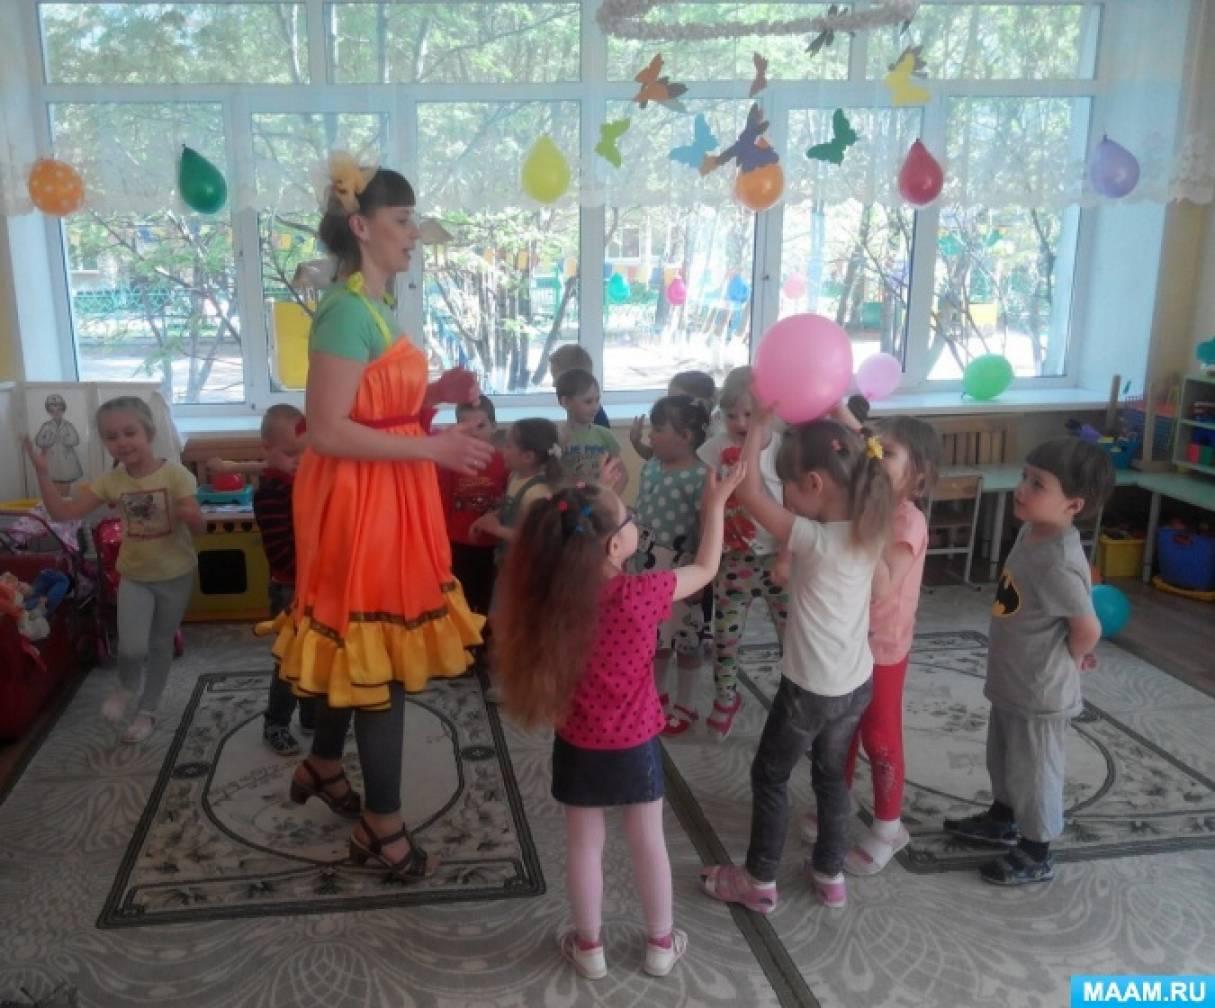 Игровой сценарий праздника «День защиты детей» в средней группе